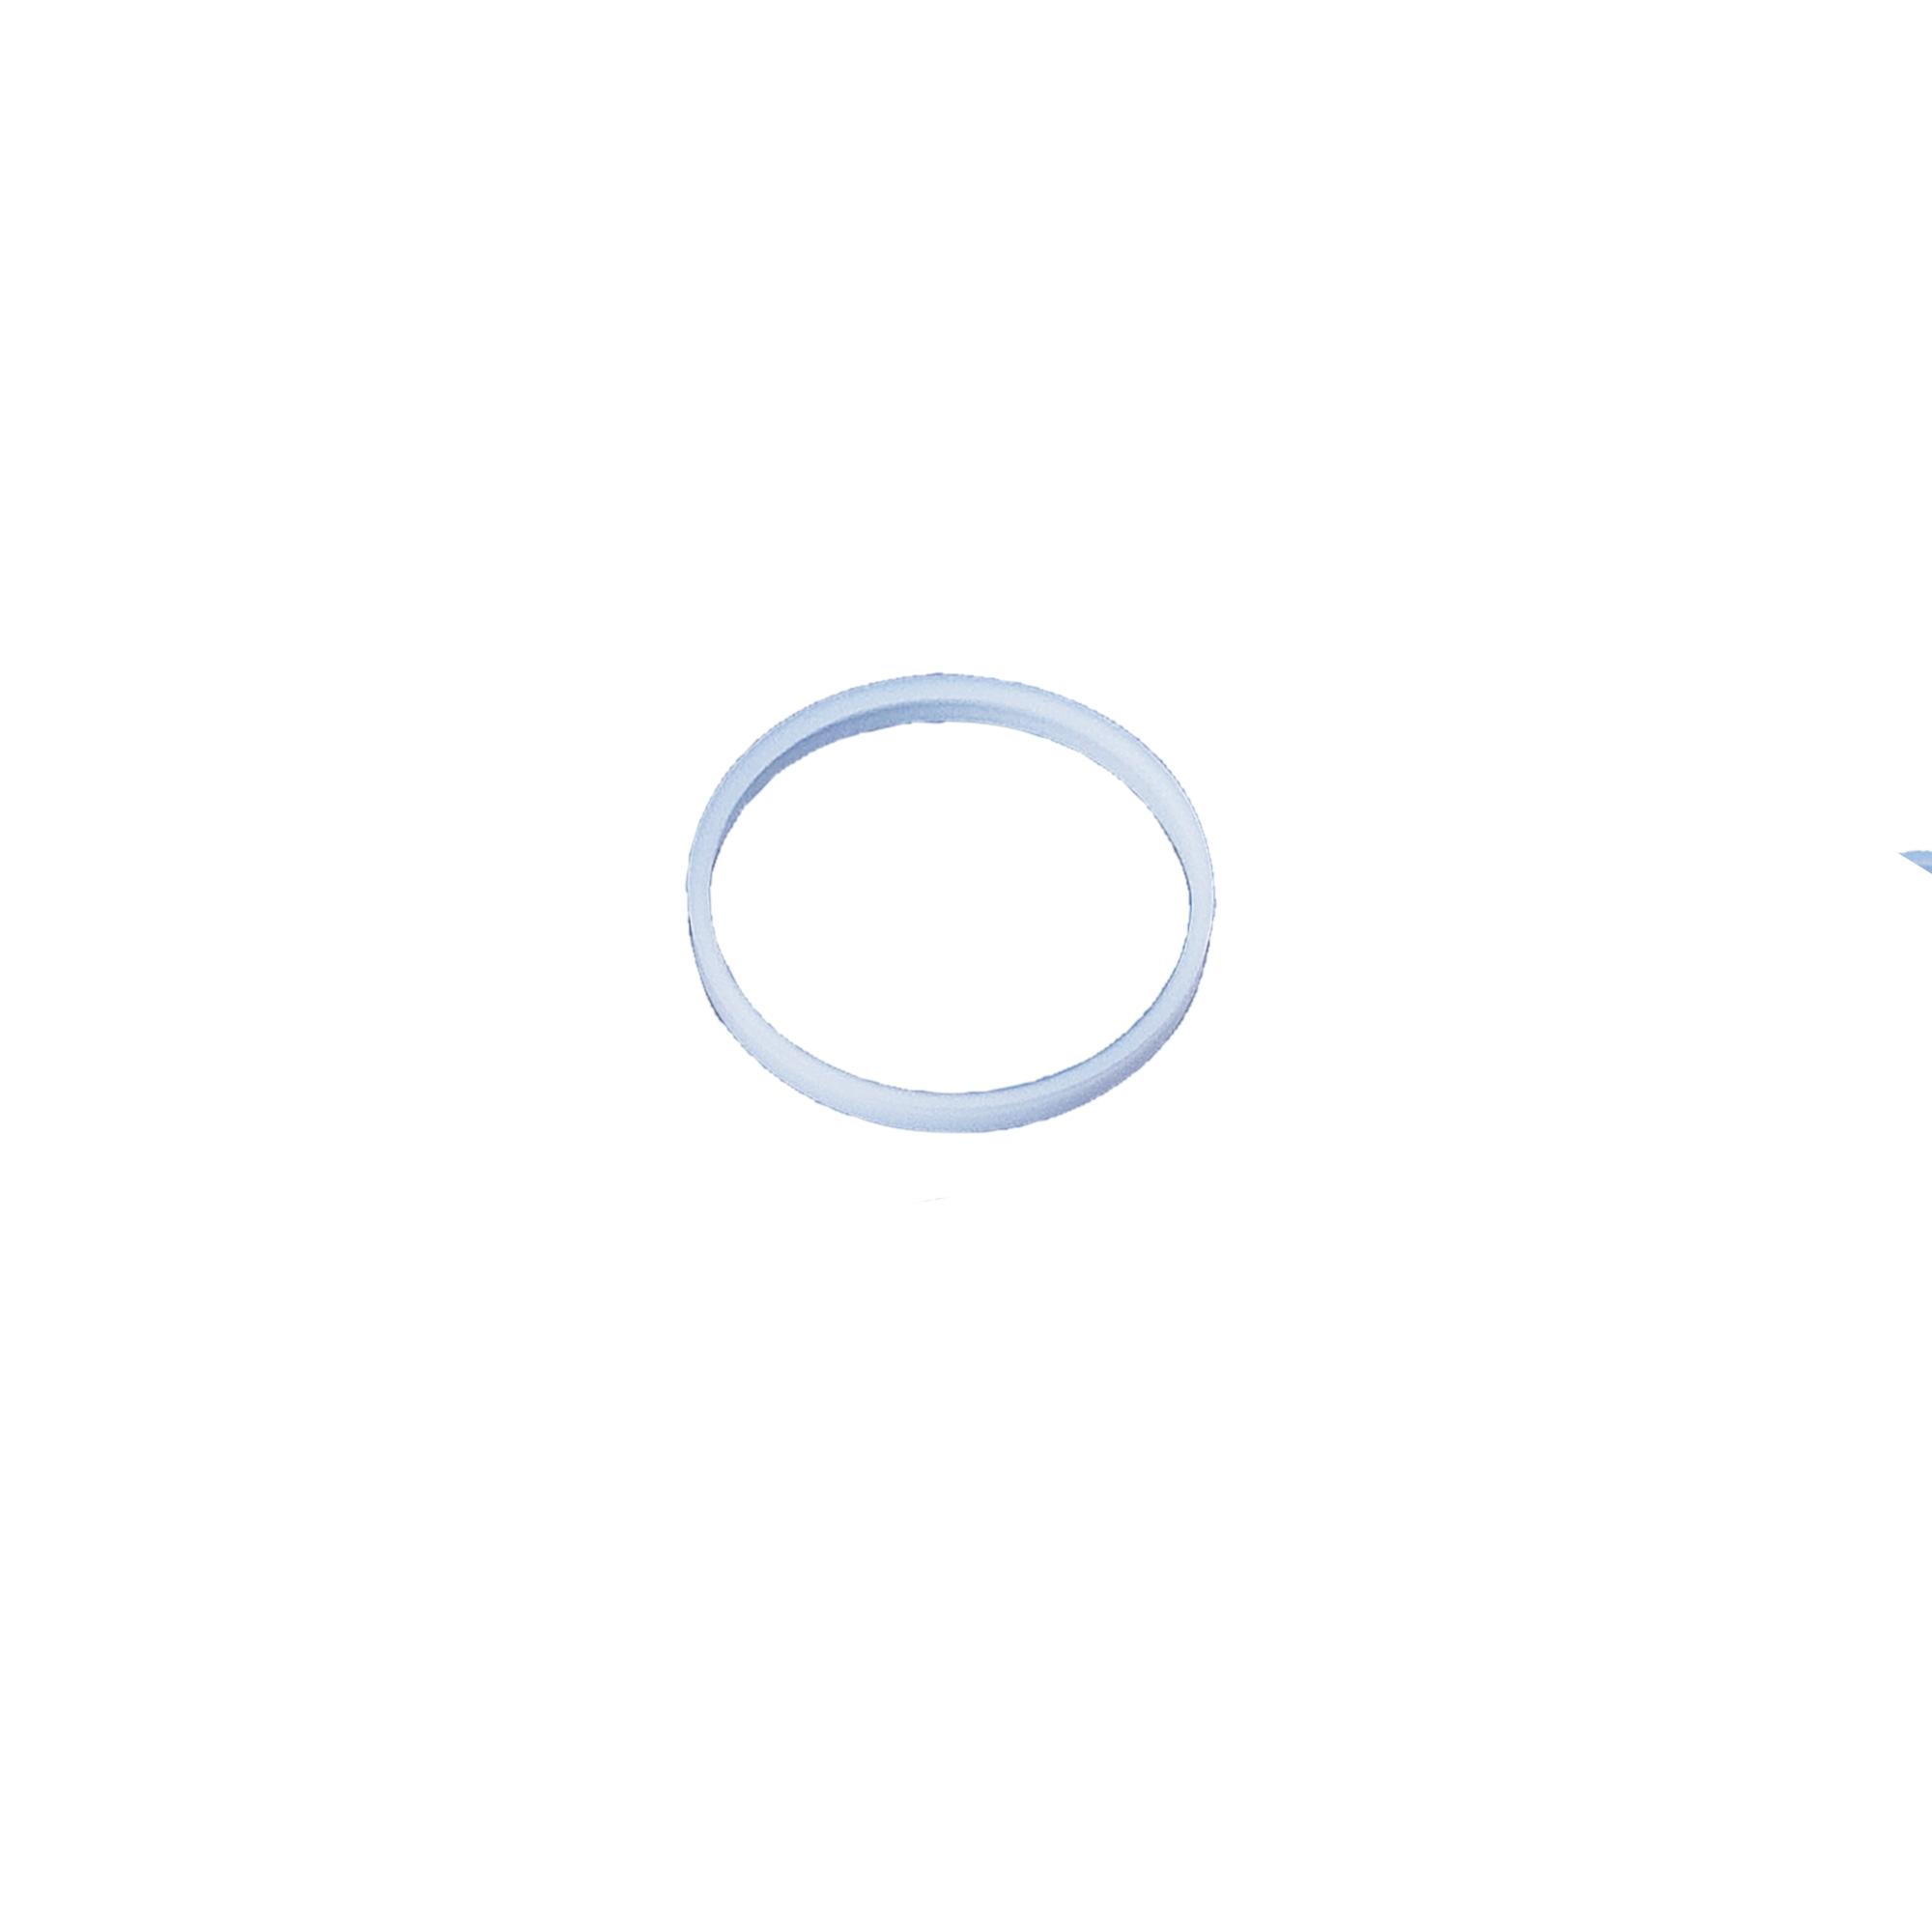 017250-806A ねじ口びん液切リング 白キャップ用 GLS-80(5個) 柴田科学(SIBATA)